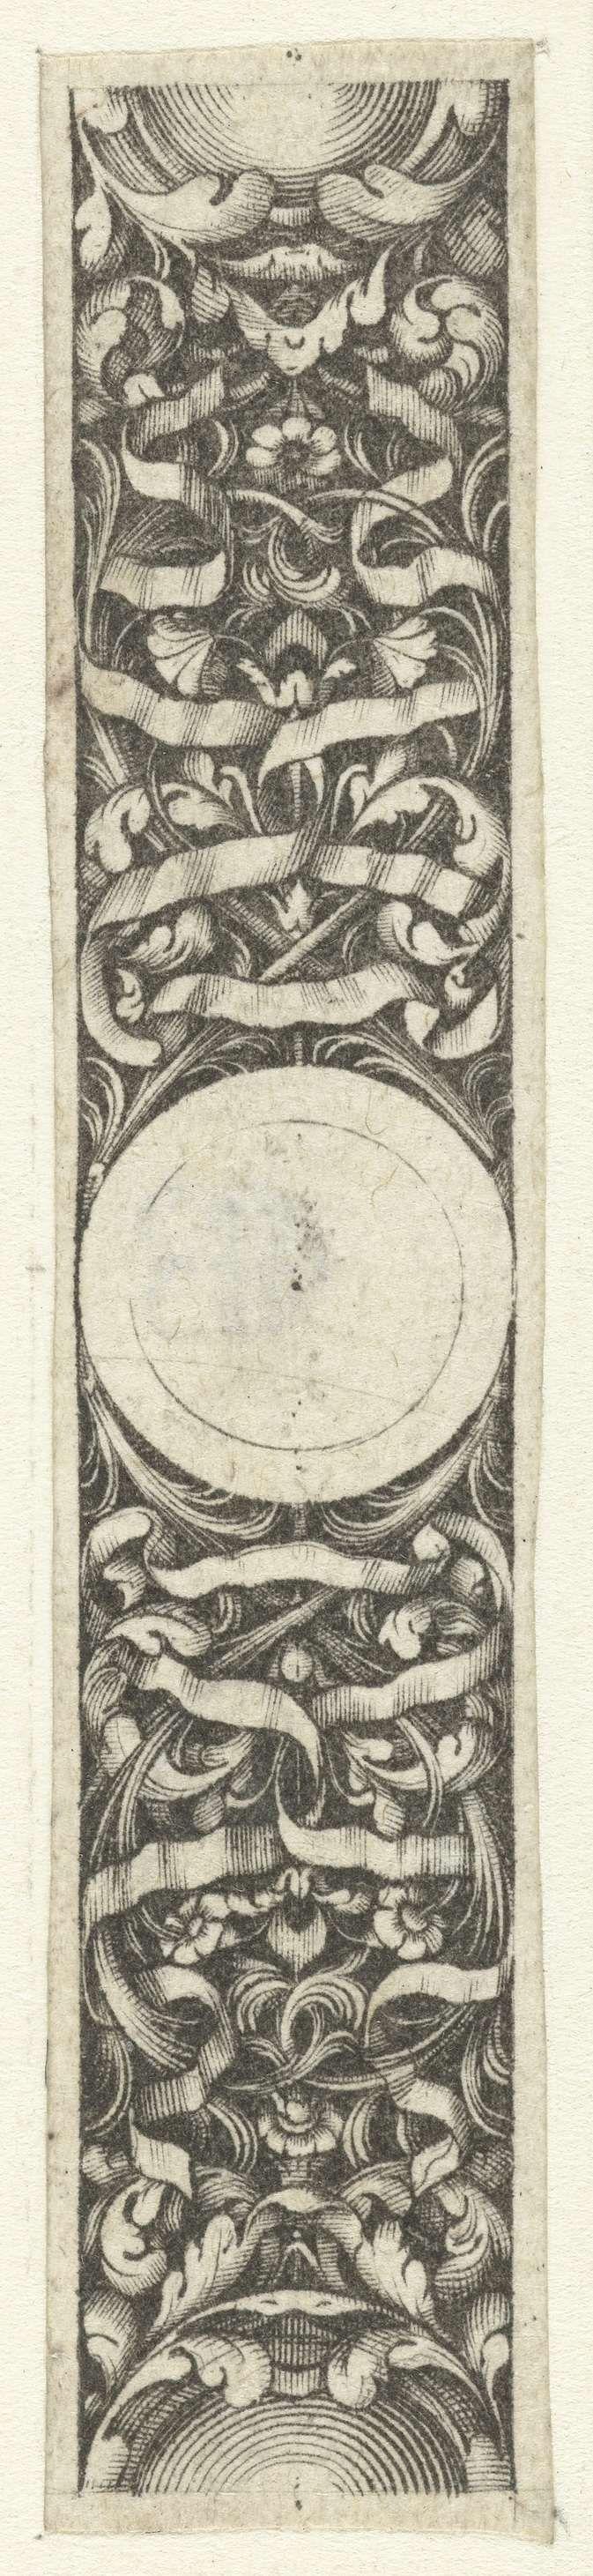 Jacques Vauquer | Strook met rond medaillon, Jacques Vauquer, Anonymous, after 1631 - before 1676 | Op de achtergrond zijn bladranken en linten afgebeeld.